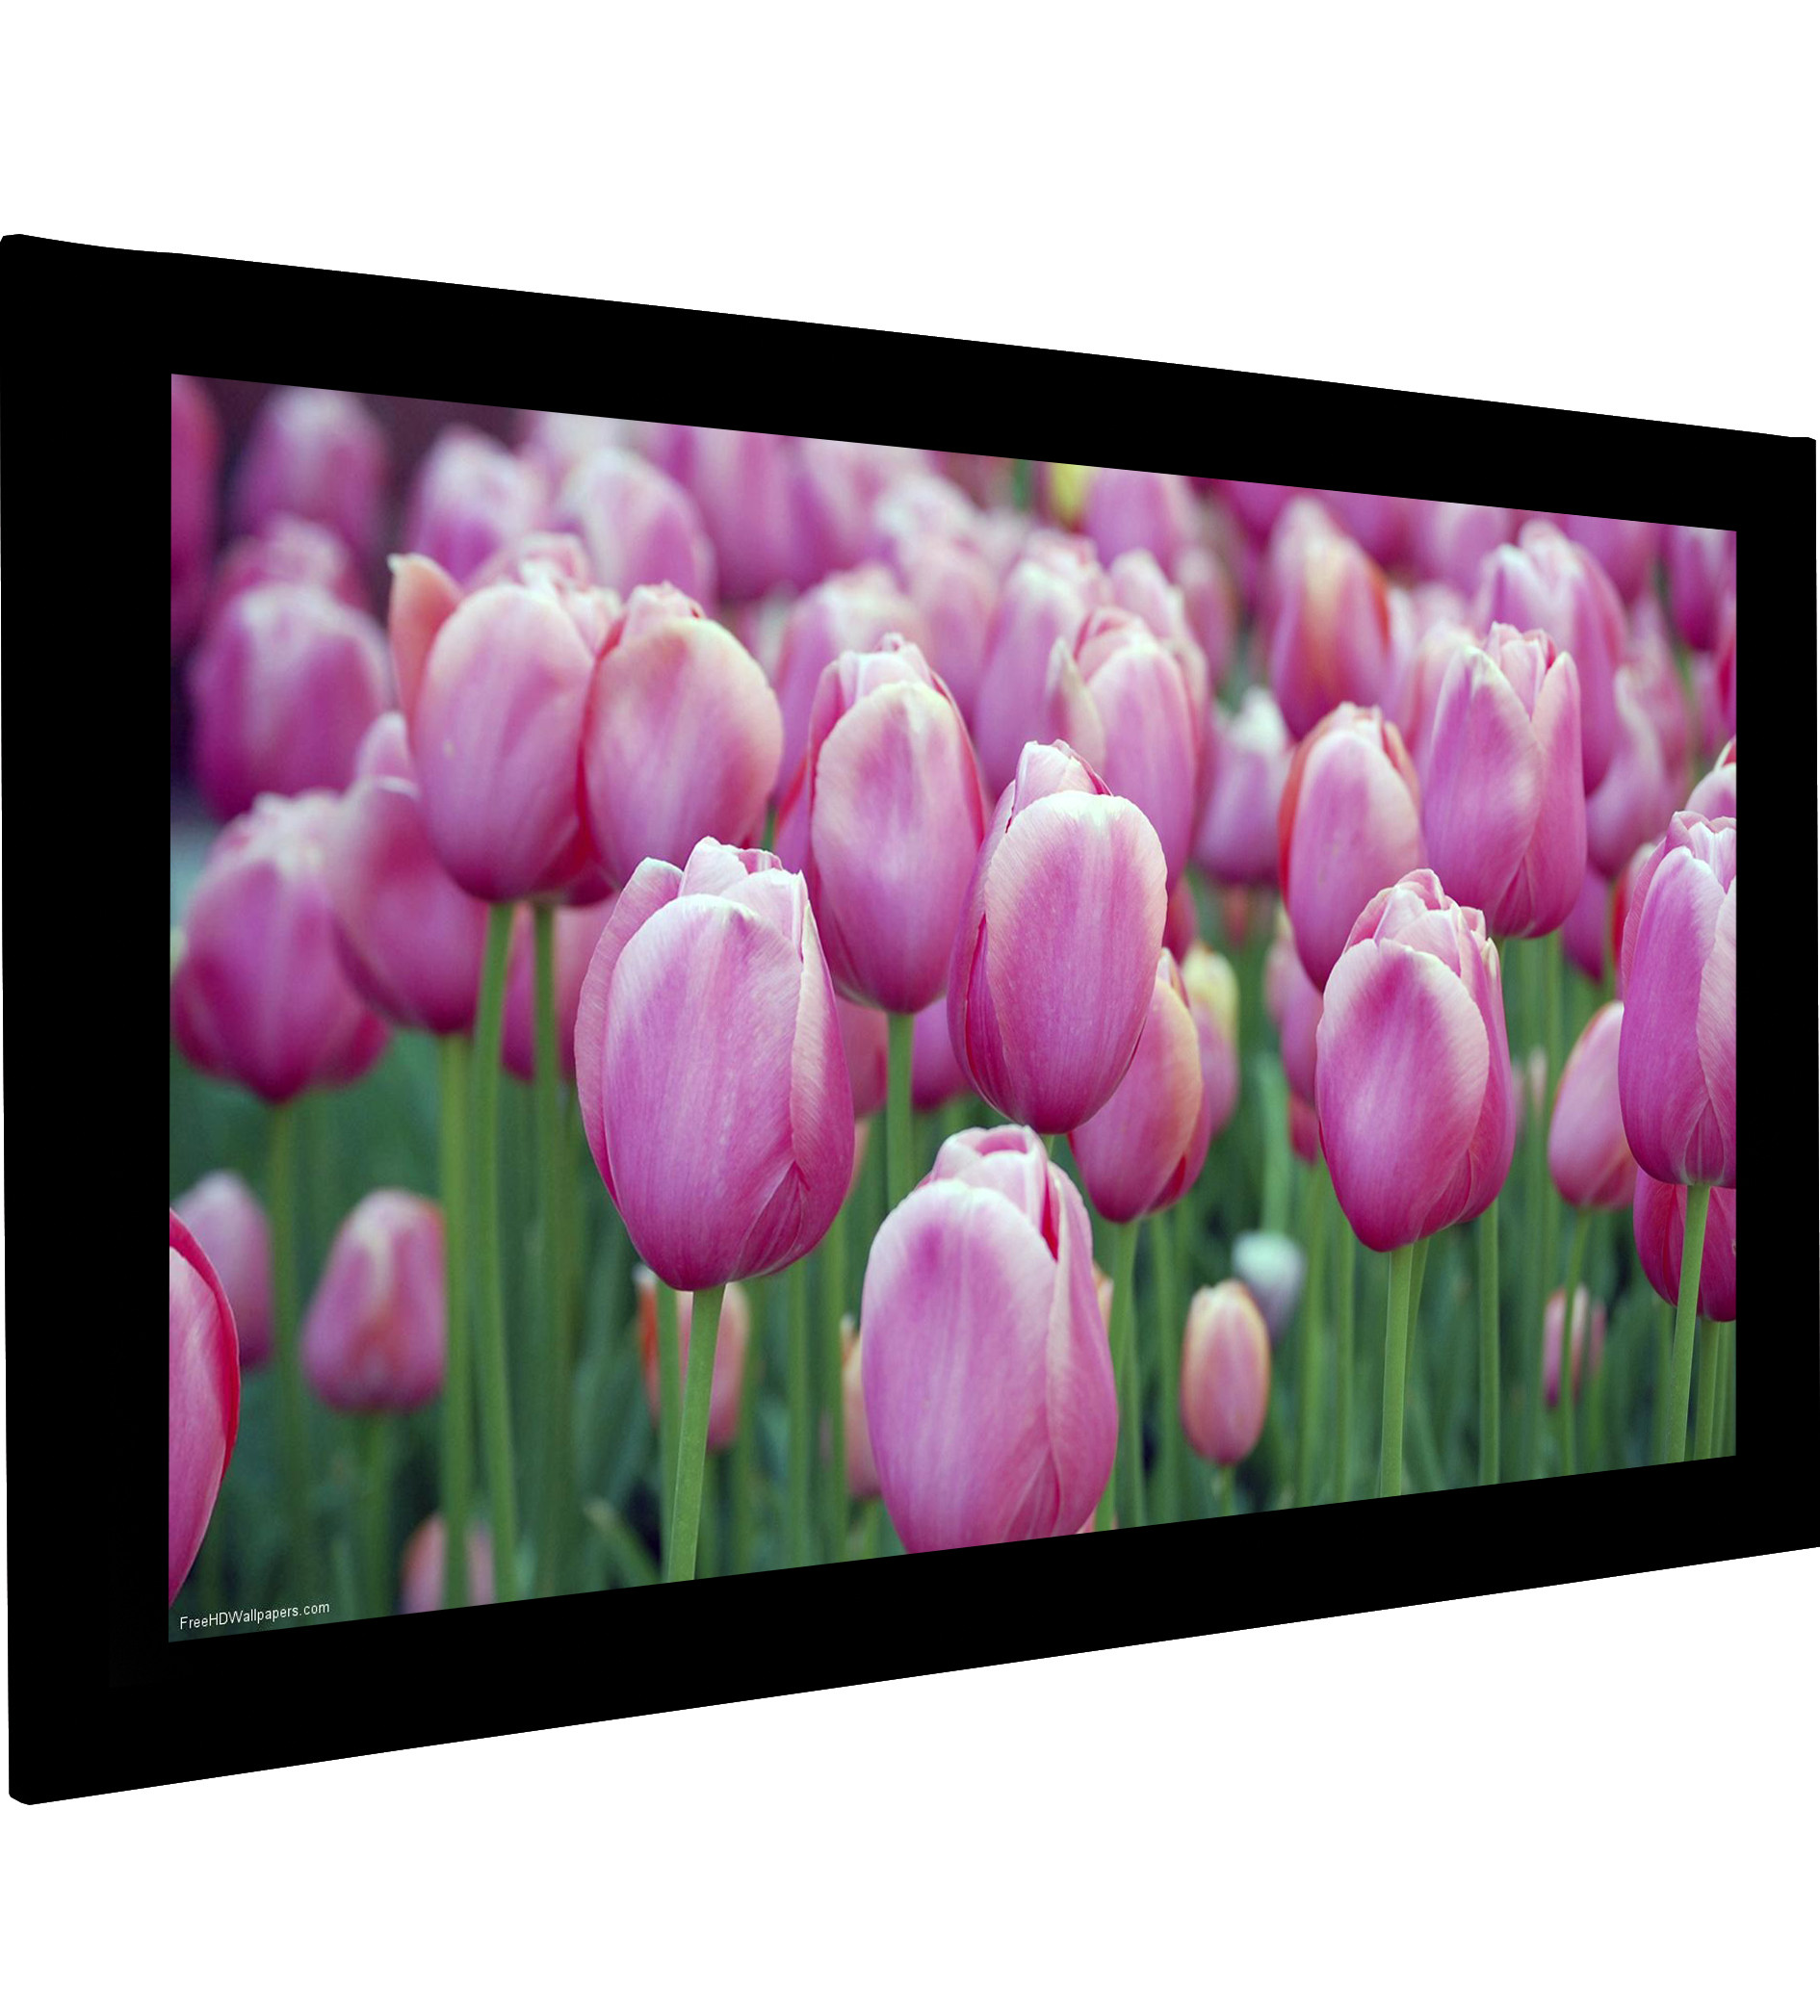 Frame Vision VS160-W